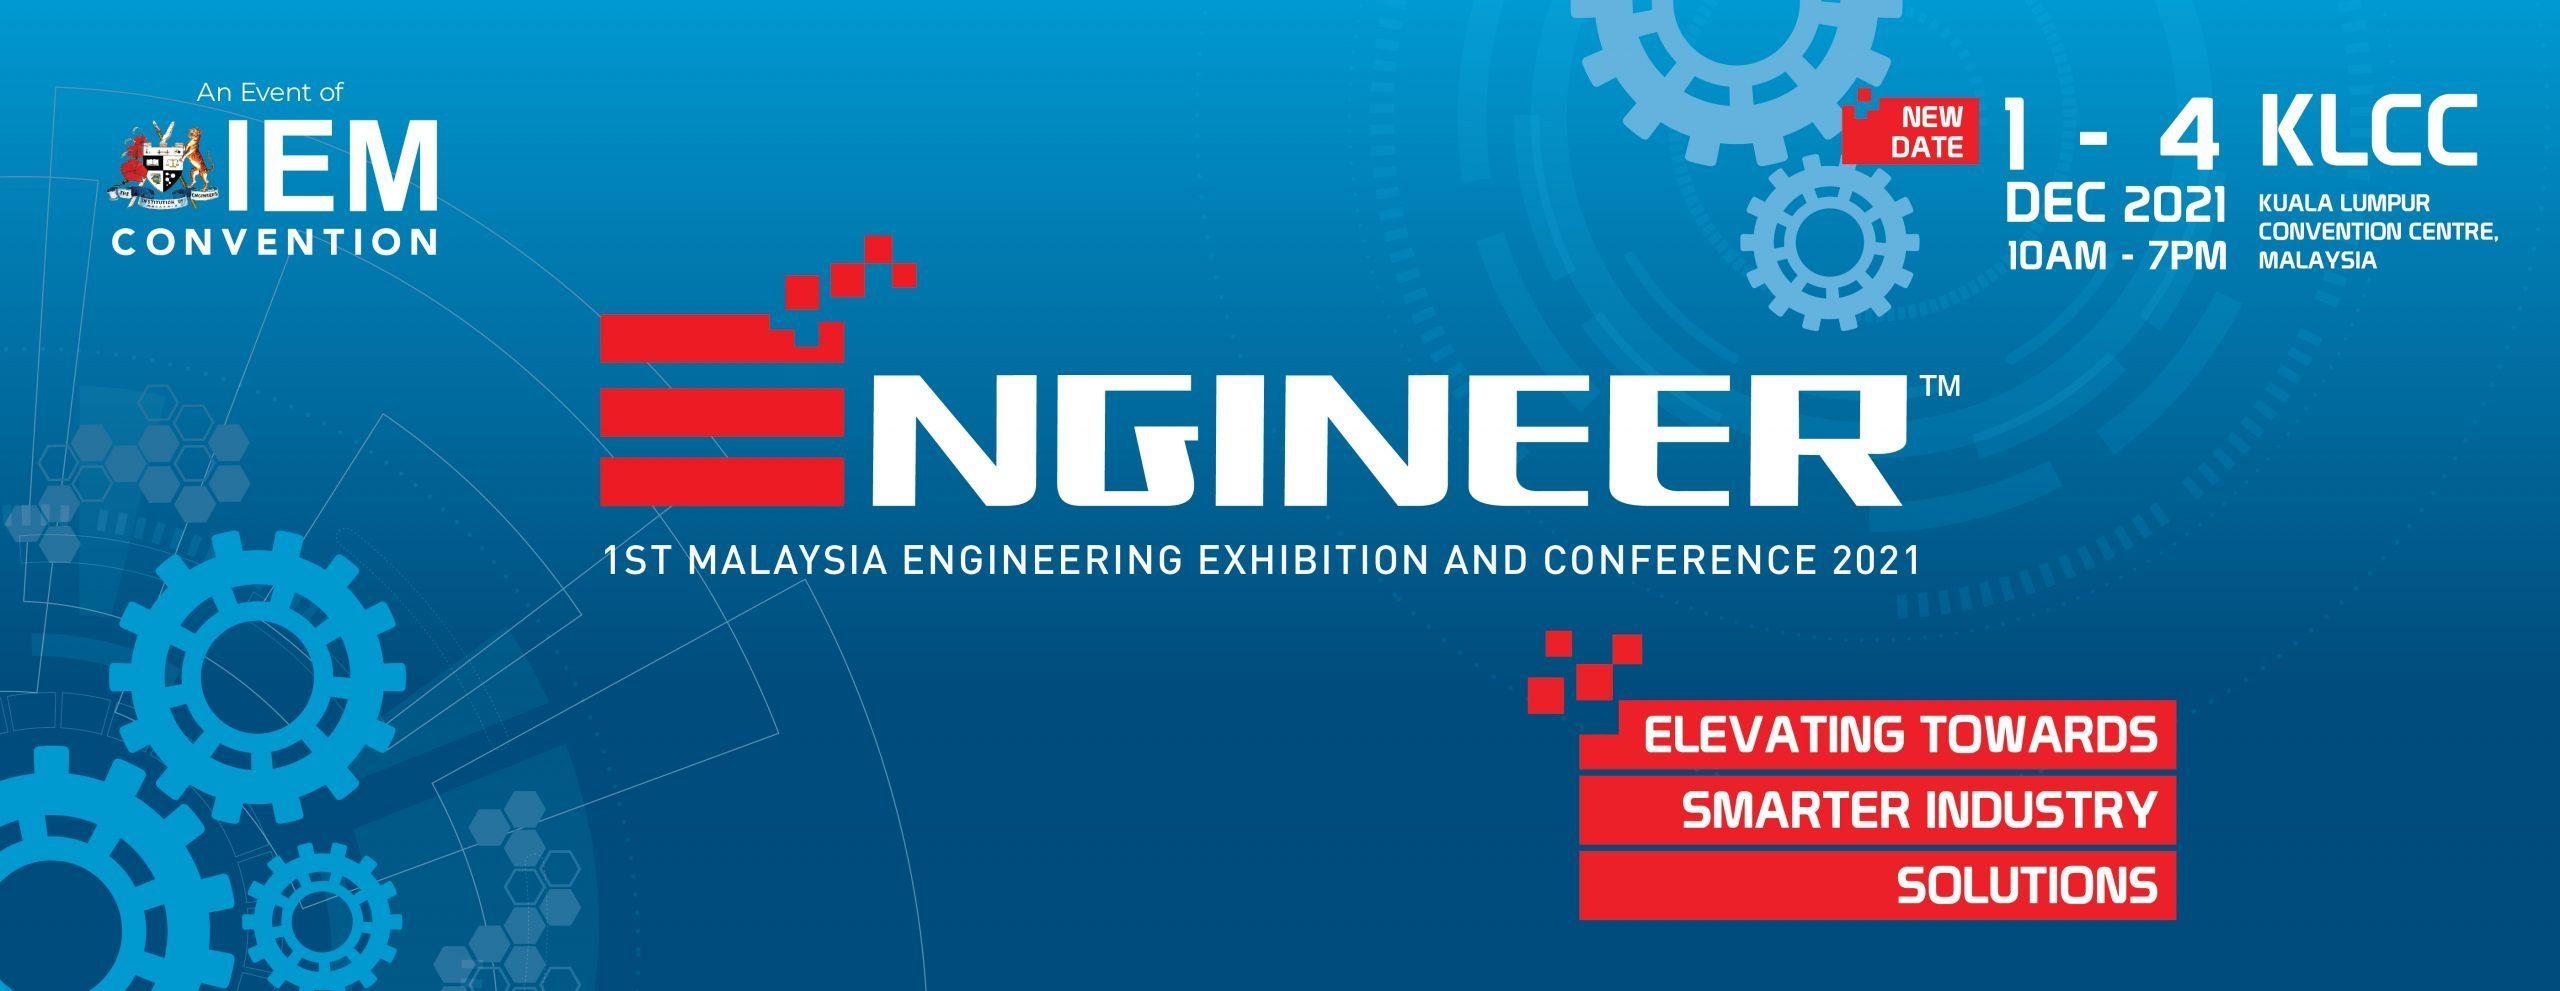 ENGINEER Website Banner